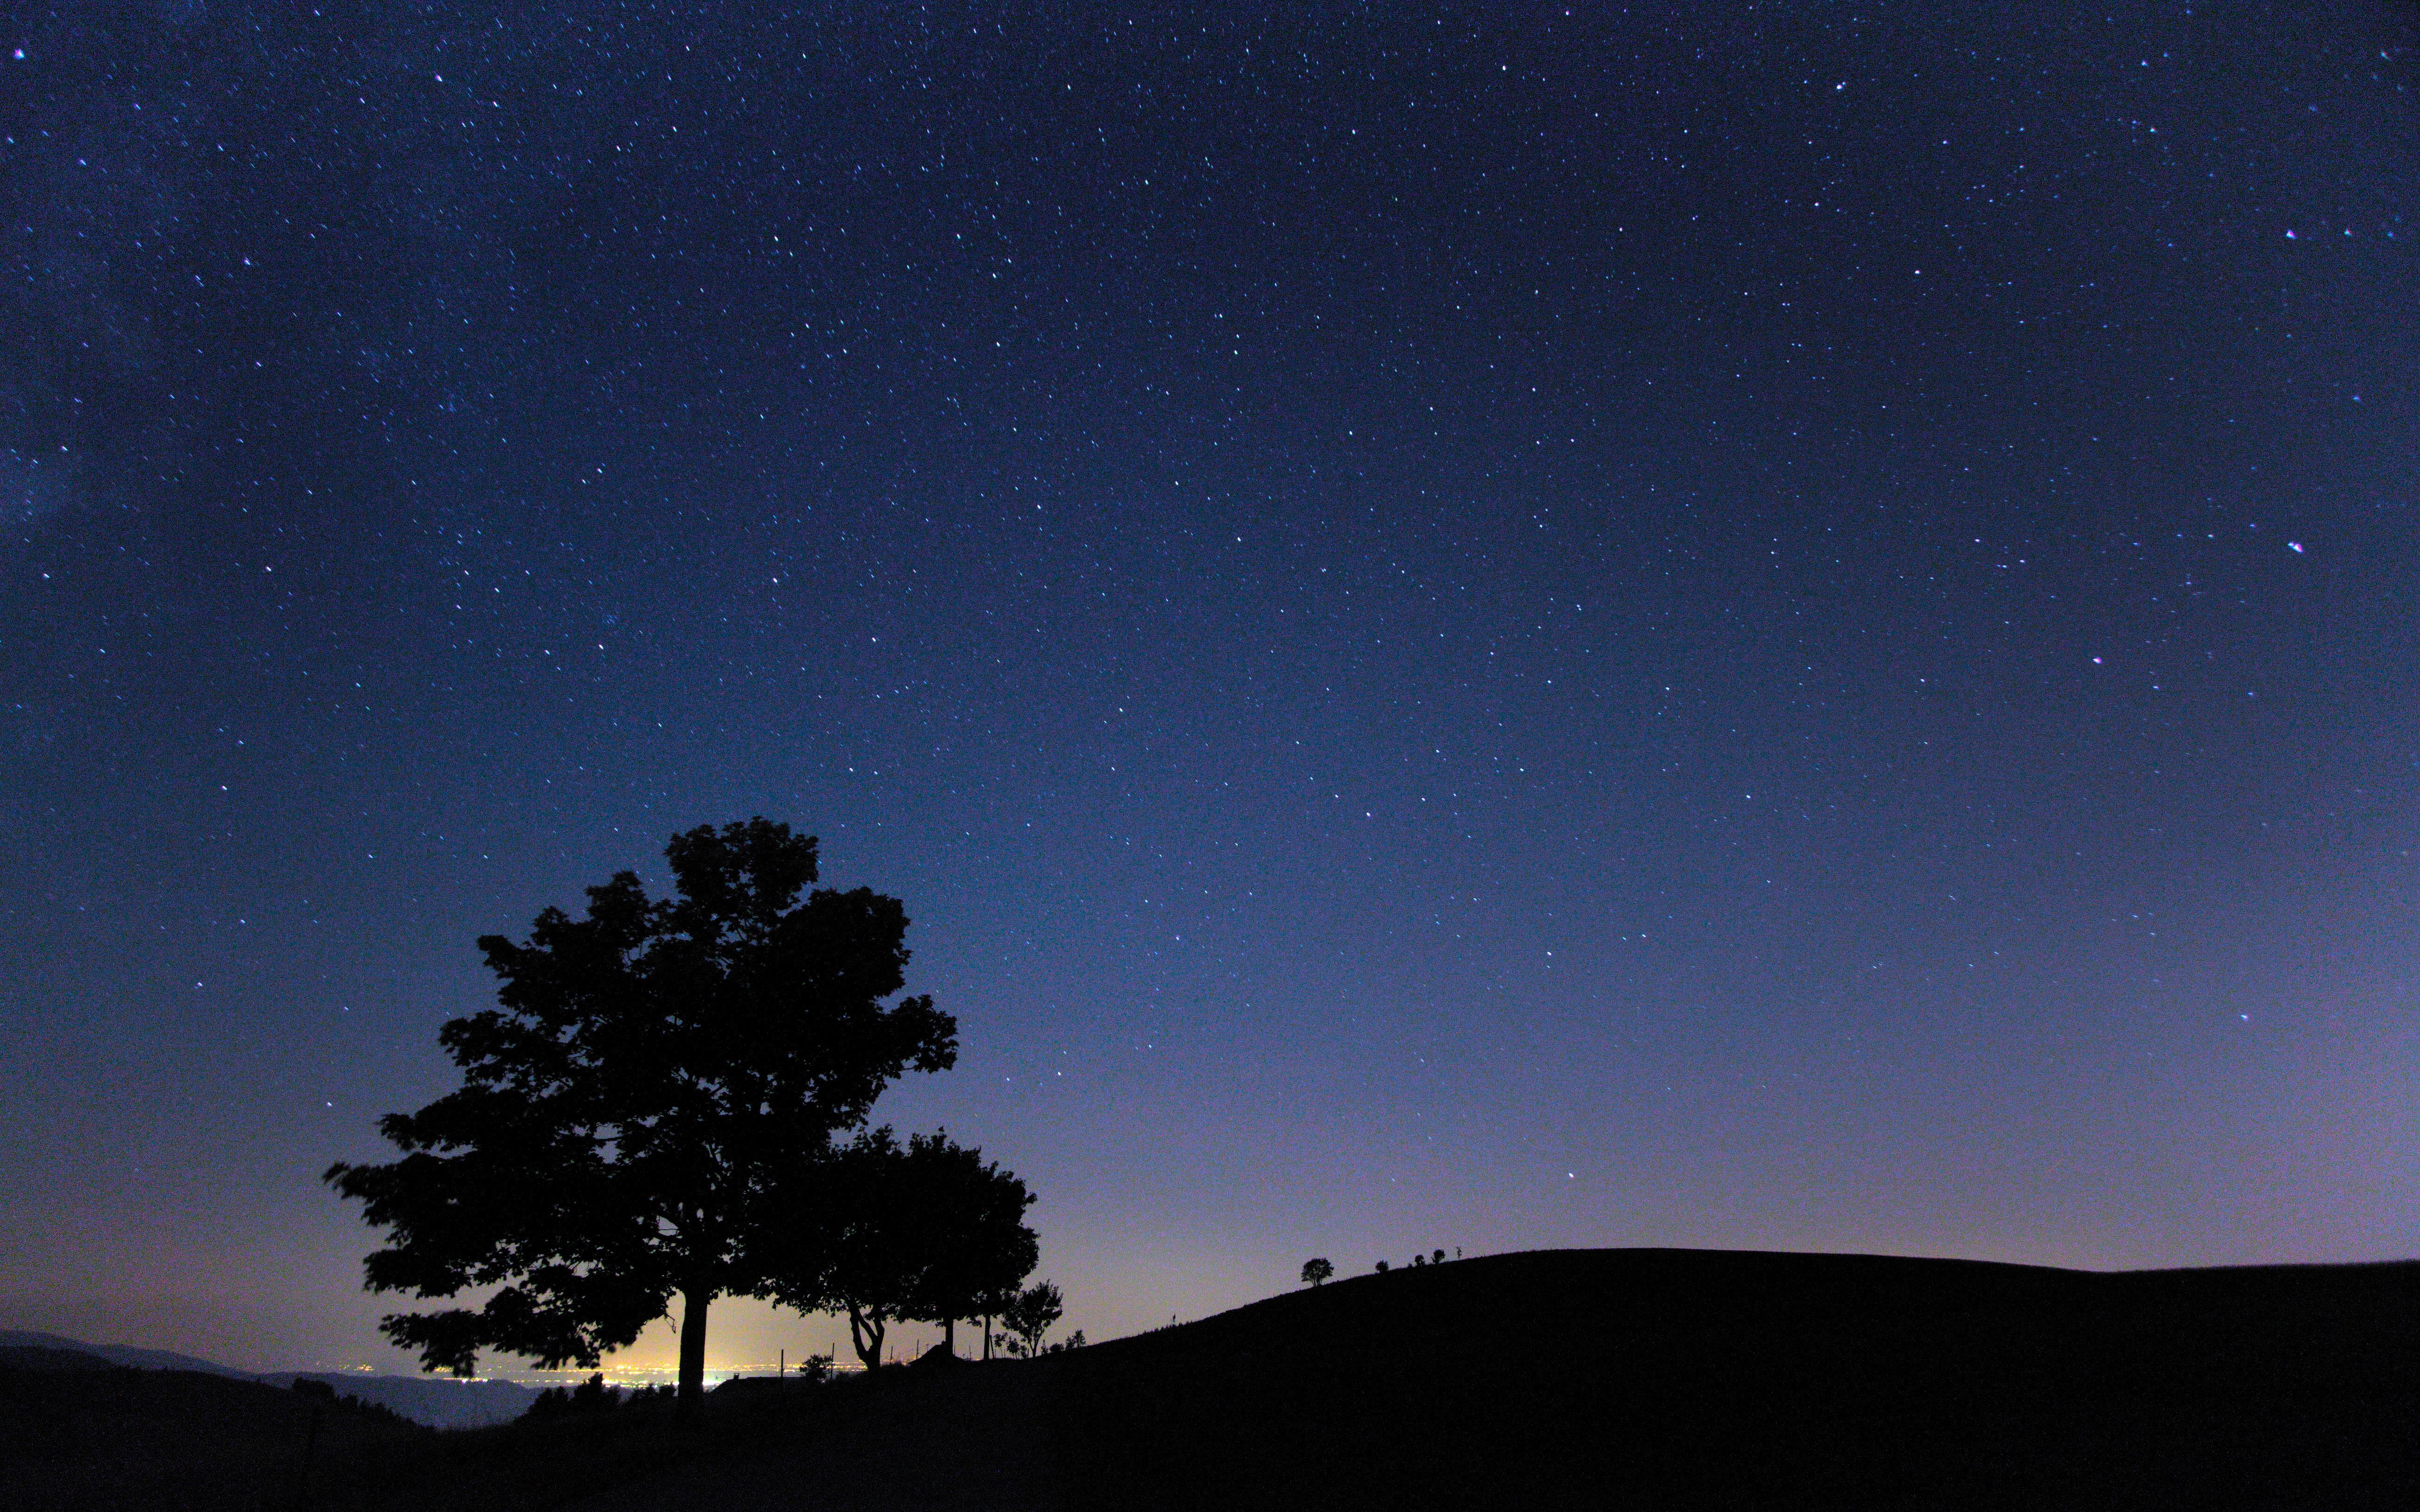 Vinterferien er perfekt til stjerner og mørk natur